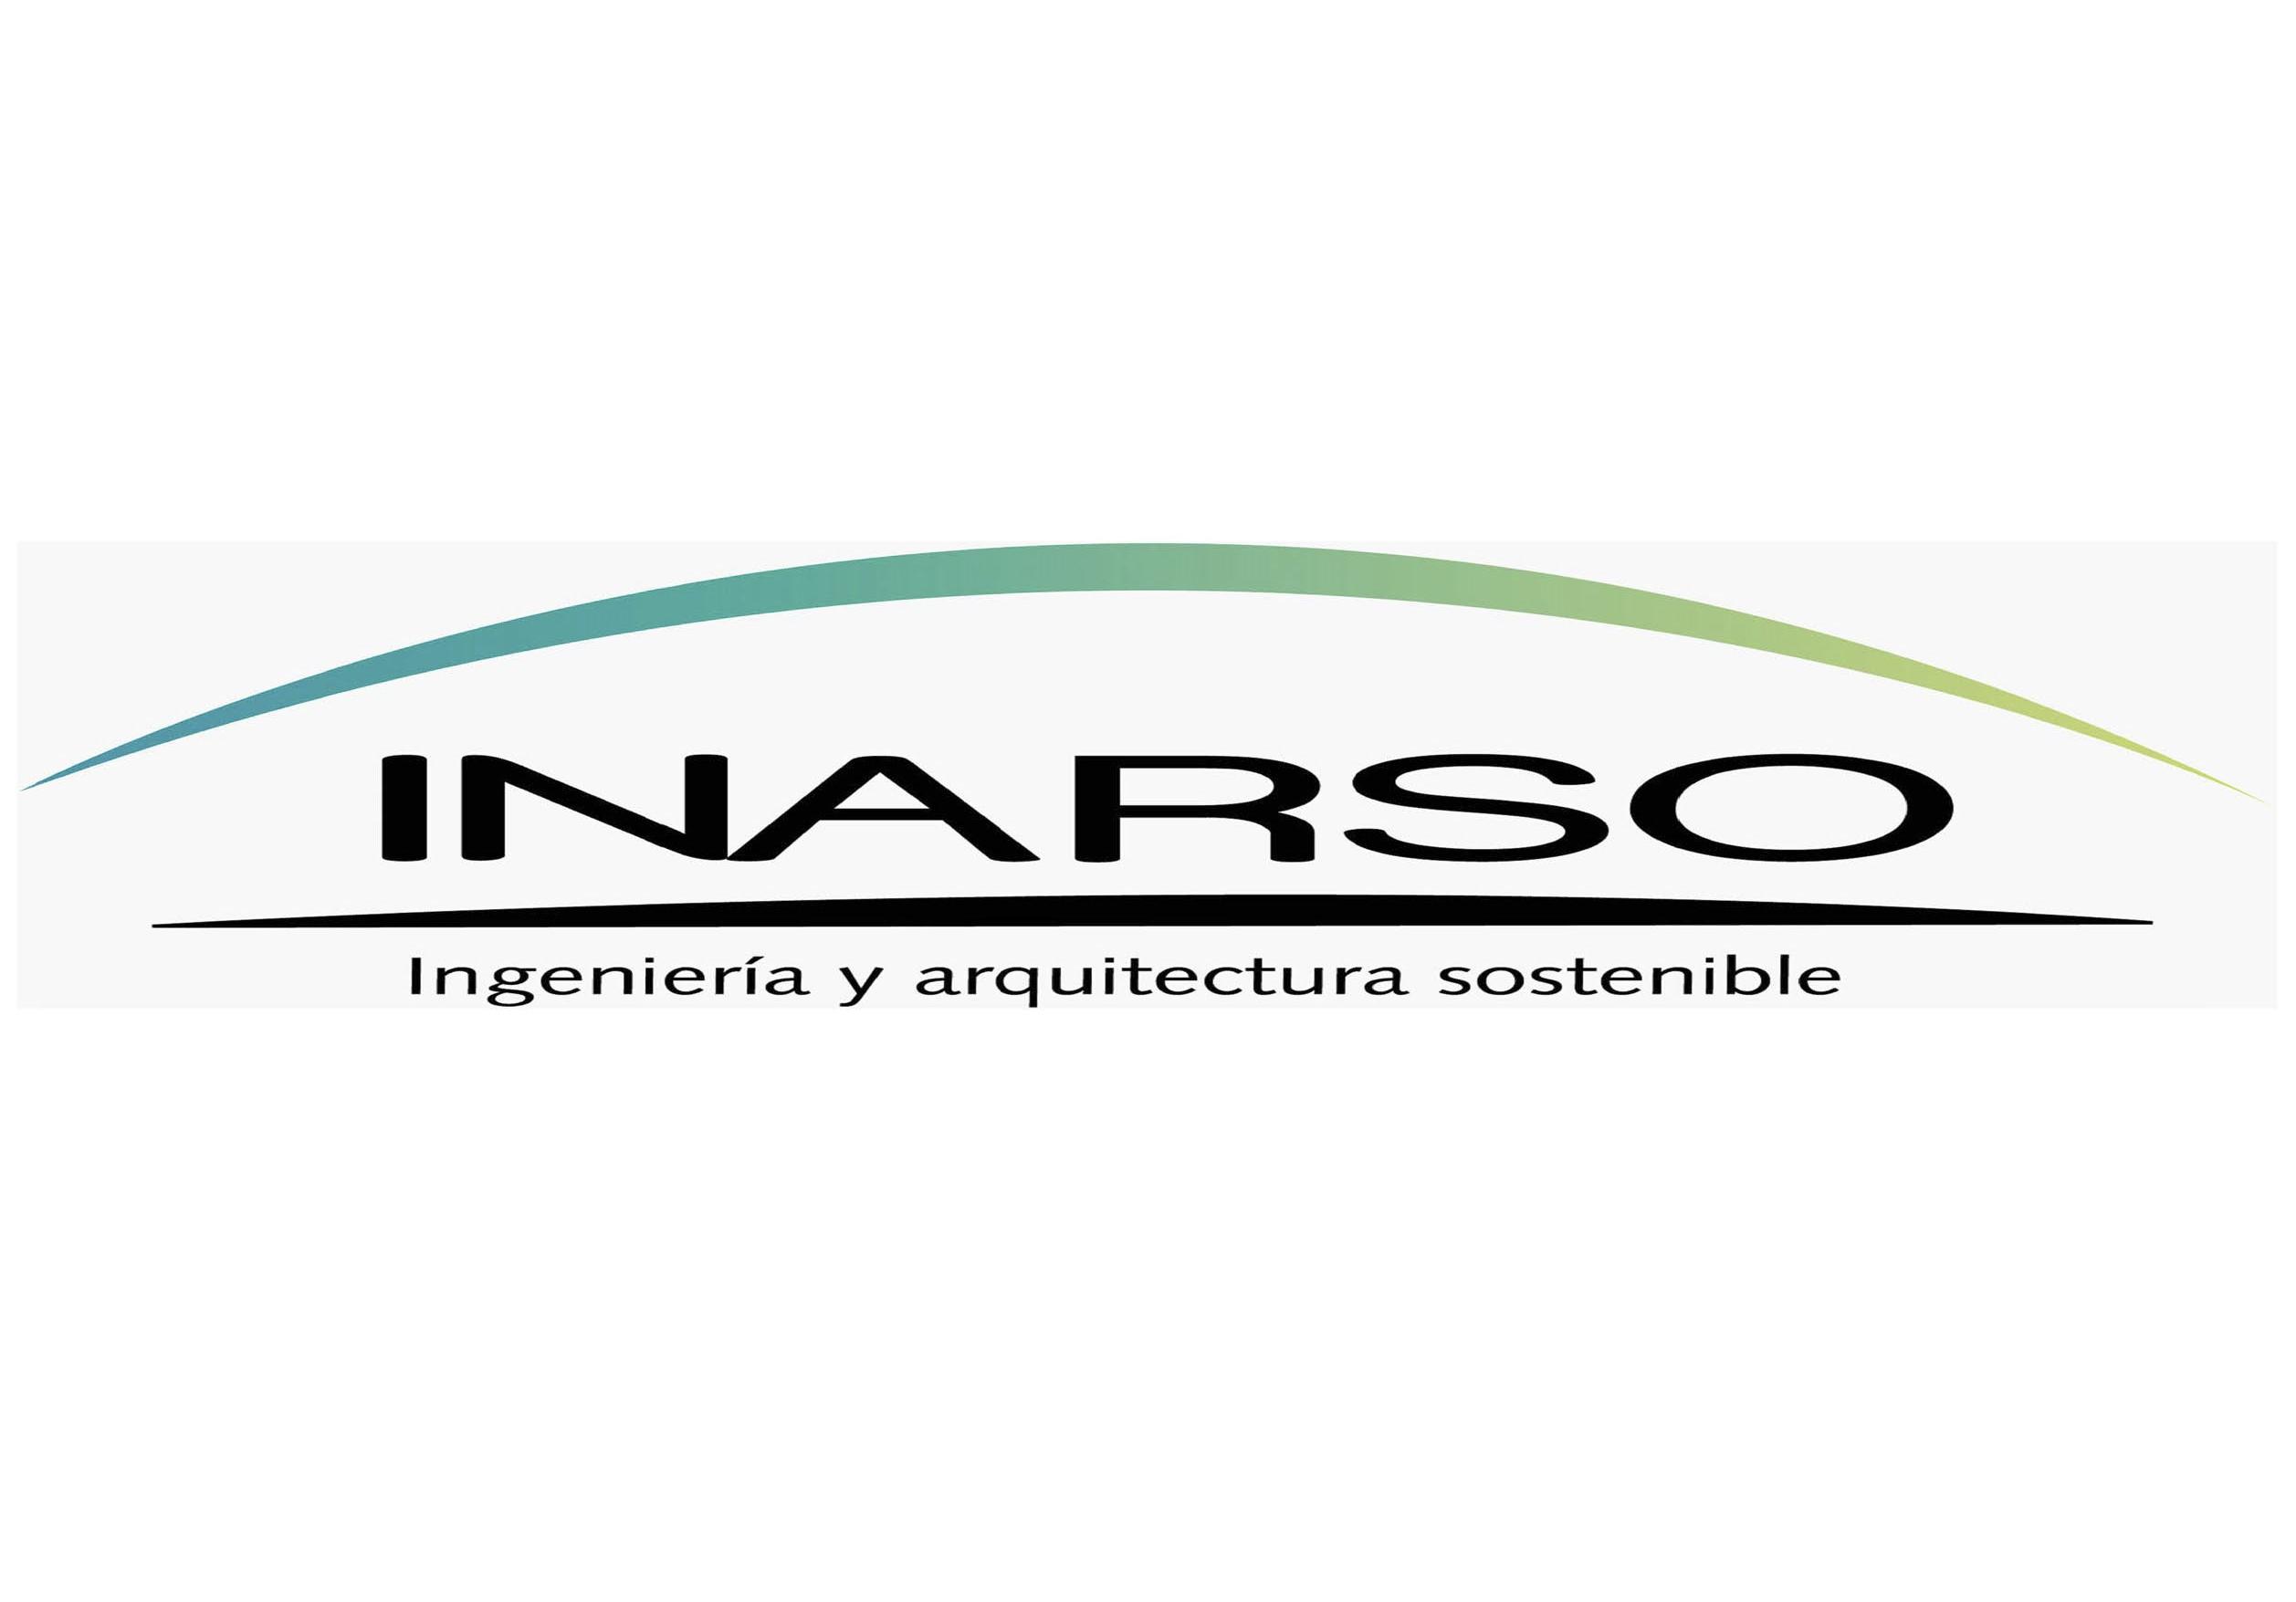 Inarso S.l.